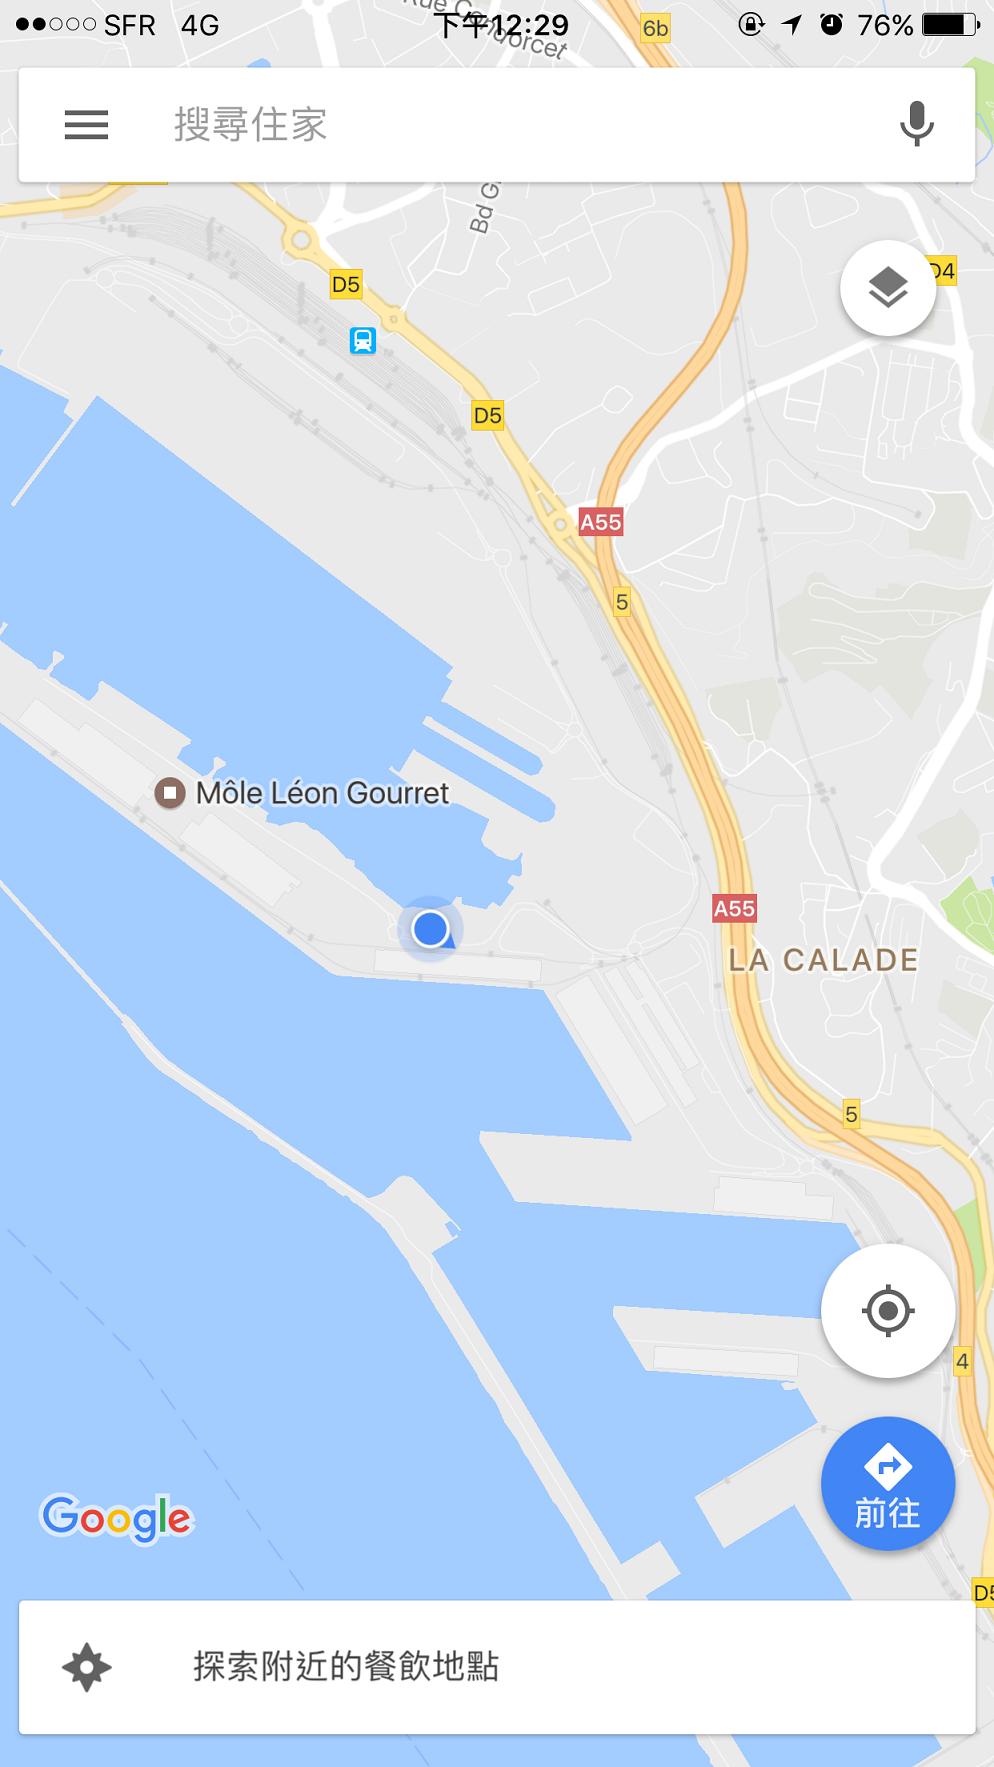 接駁車碼頭上車位置